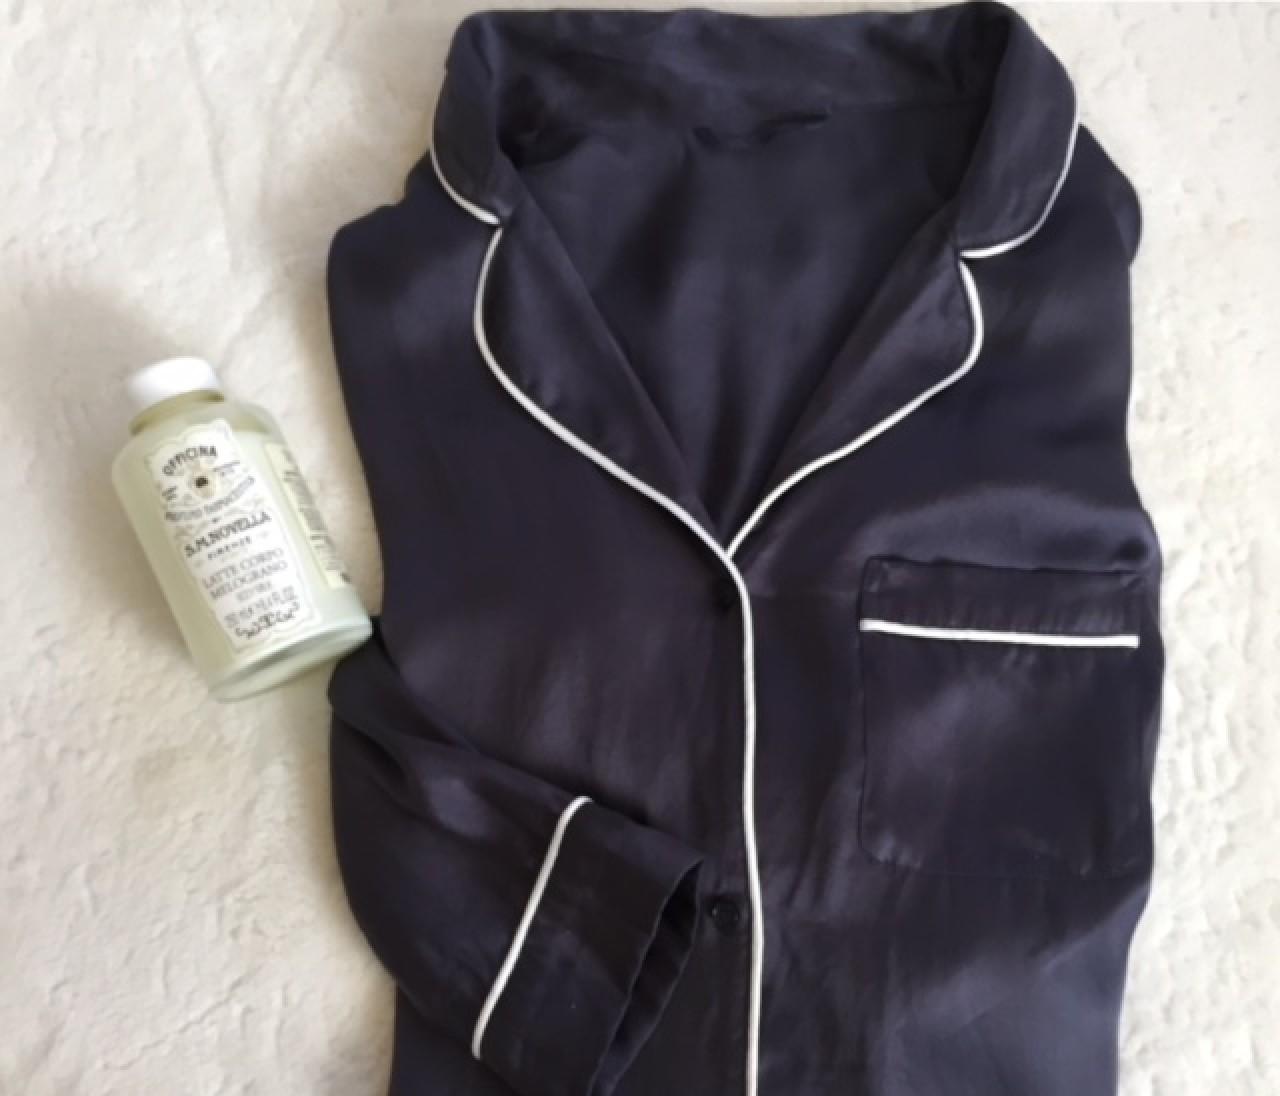 【隠れ名品】探してたシルクパジャマを「H&M」で発見!